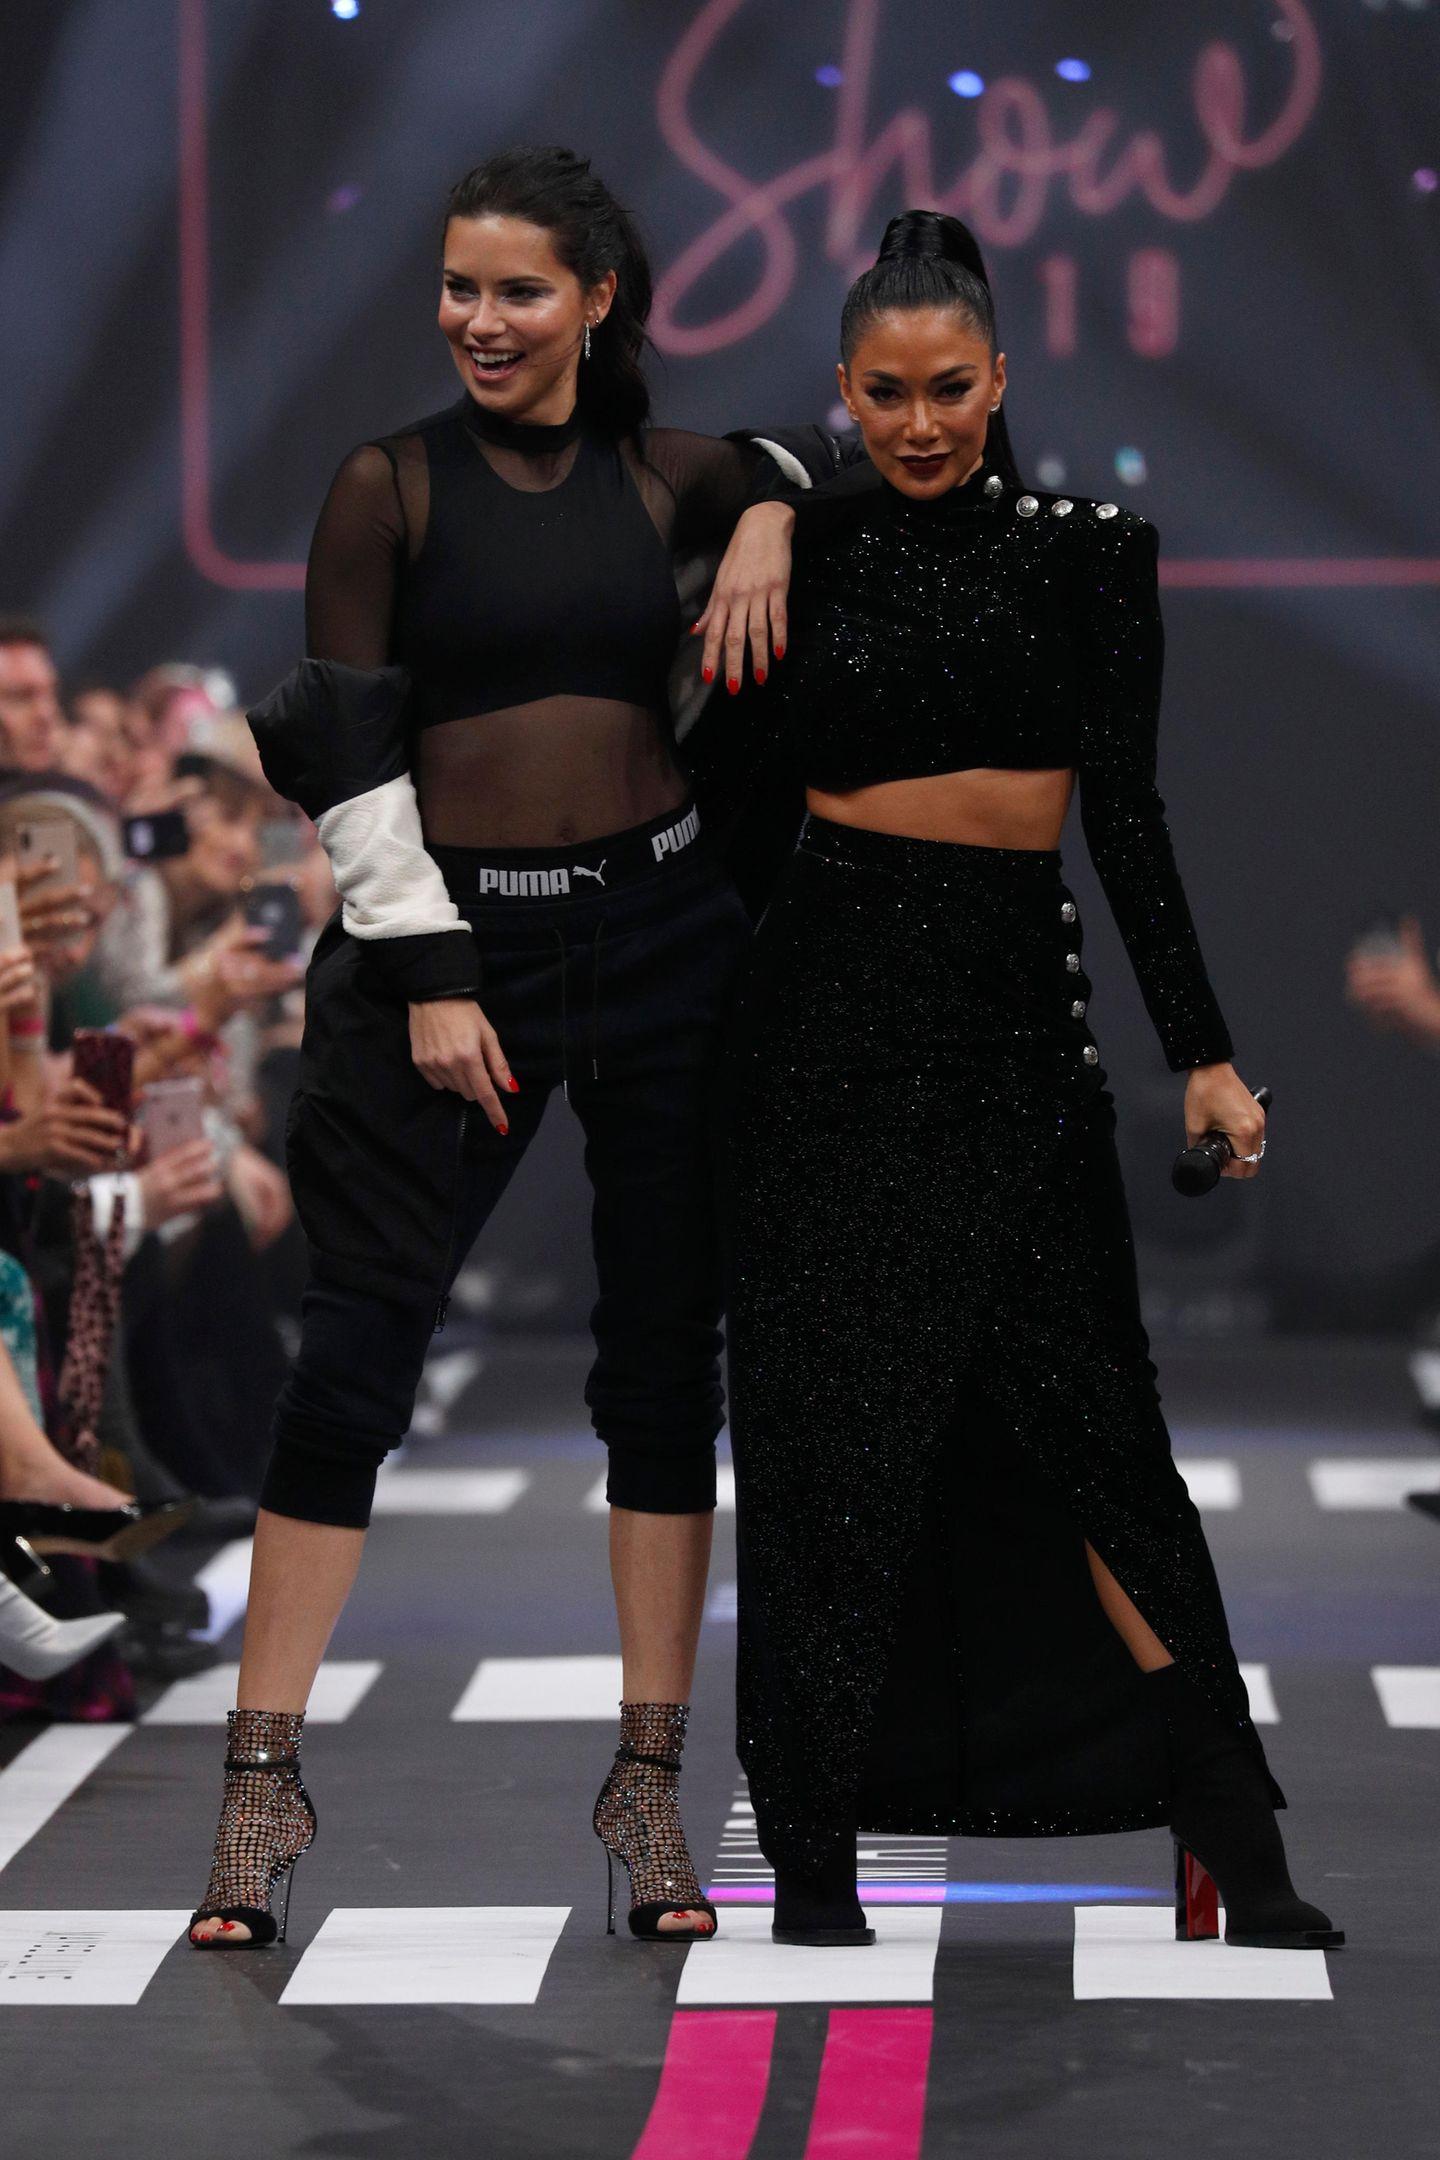 """Maybelline New York schließt die Fashion Week mit einer Mega-Show, bei der zwei der größten Powerfrauen des Showbiz über den Catwalk laufen. Nicole Scherzinger performt """"Don't Cha"""", während Adriana Lima ihren Walk hinlegt."""